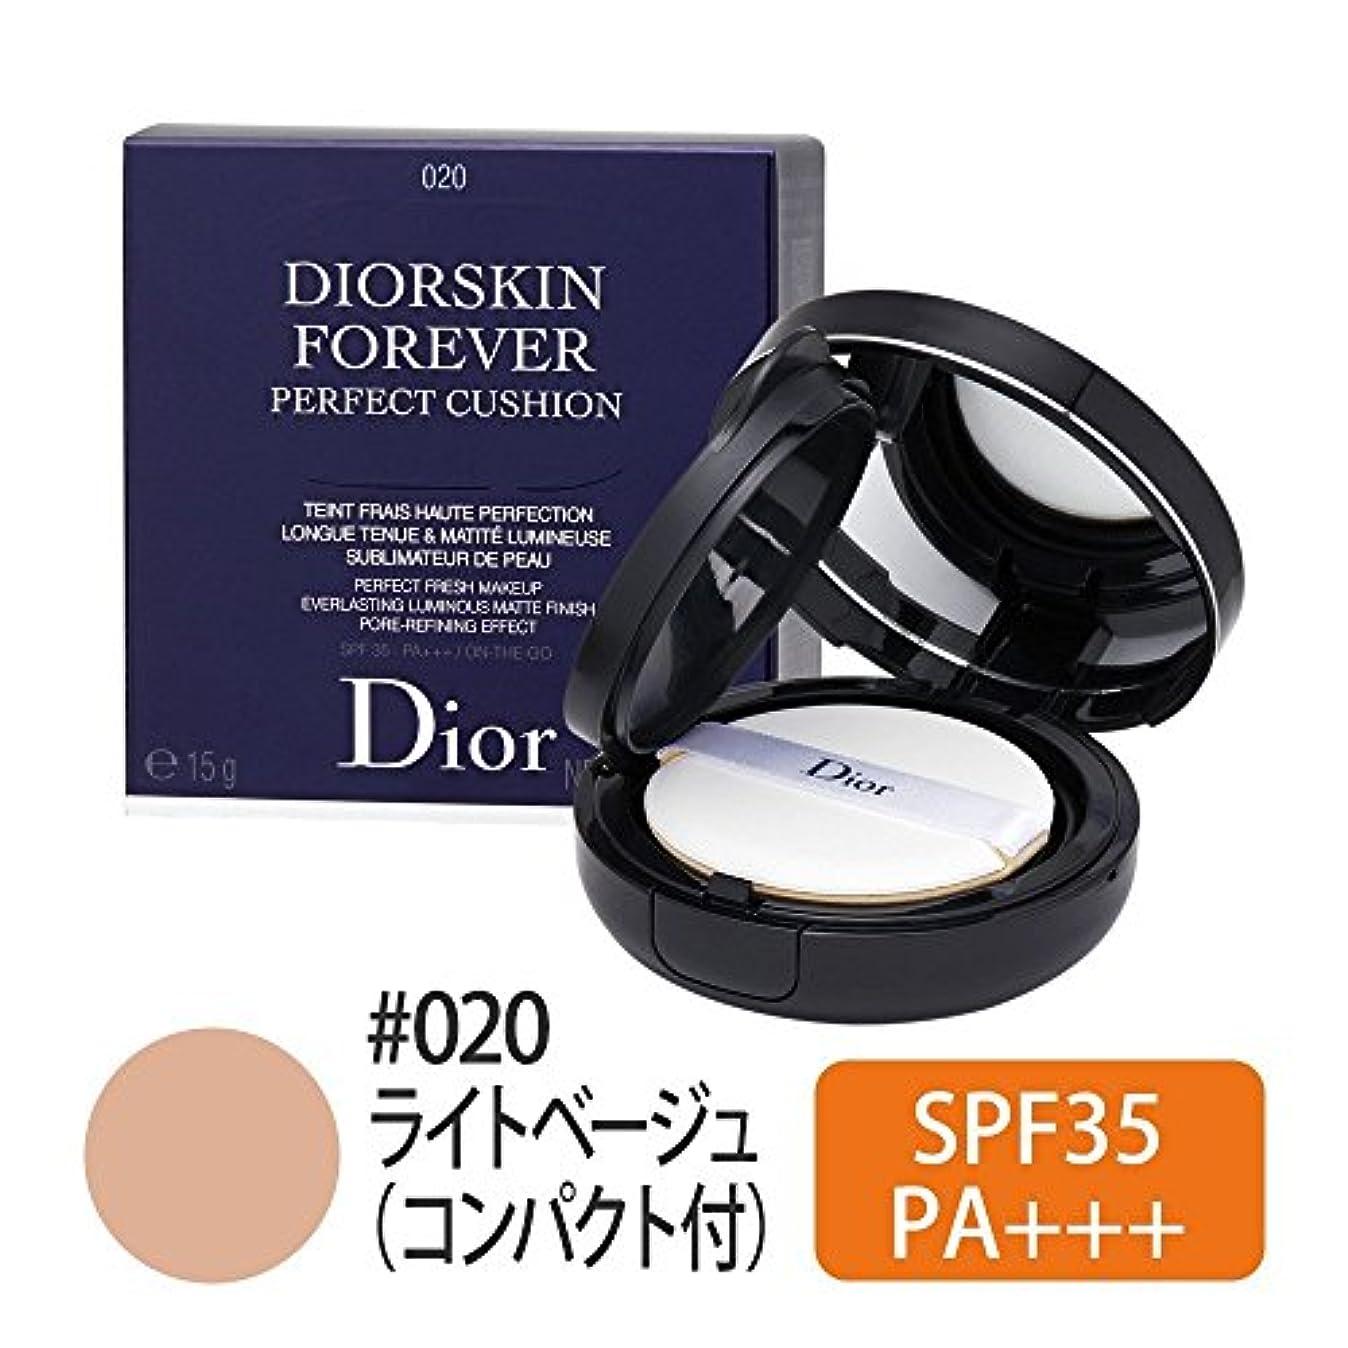 これまでタイプライター権限を与えるクリスチャン ディオール(Christian Dior) ディオールスキン フォーエヴァー クッション #020 ライト ベージュ 15g[並行輸入品]